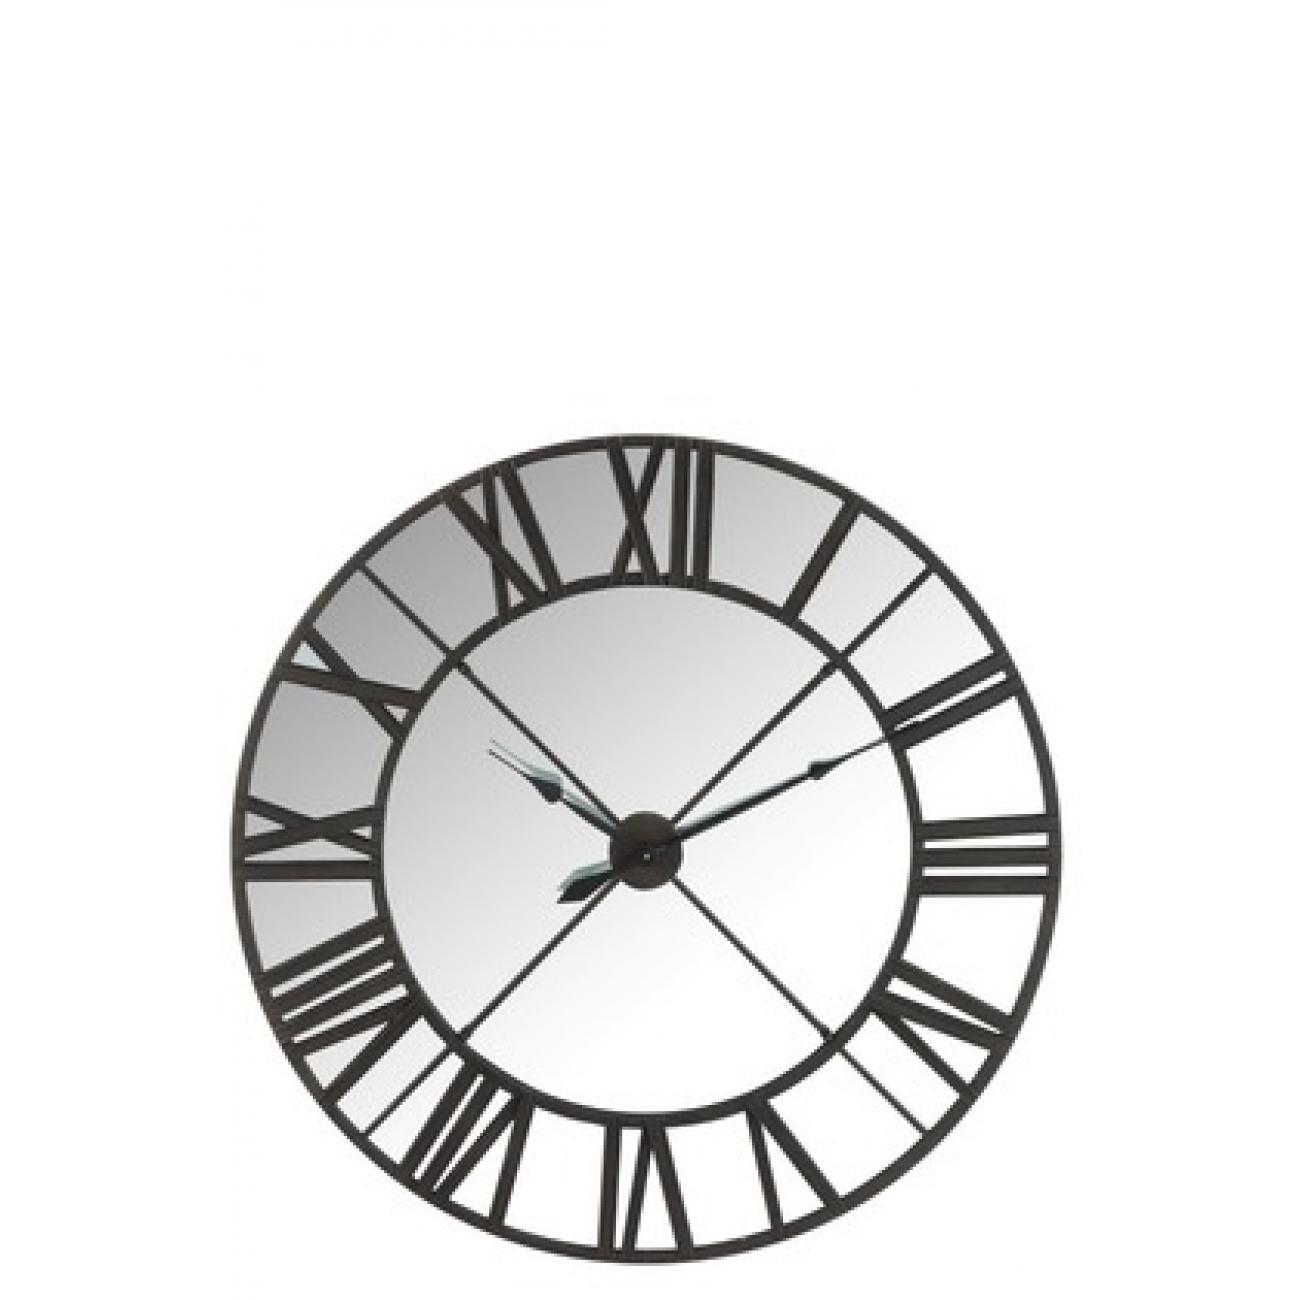 Настенные часы J-LINE в металлическом корпусе с зеркальной основой диаметр 123 см